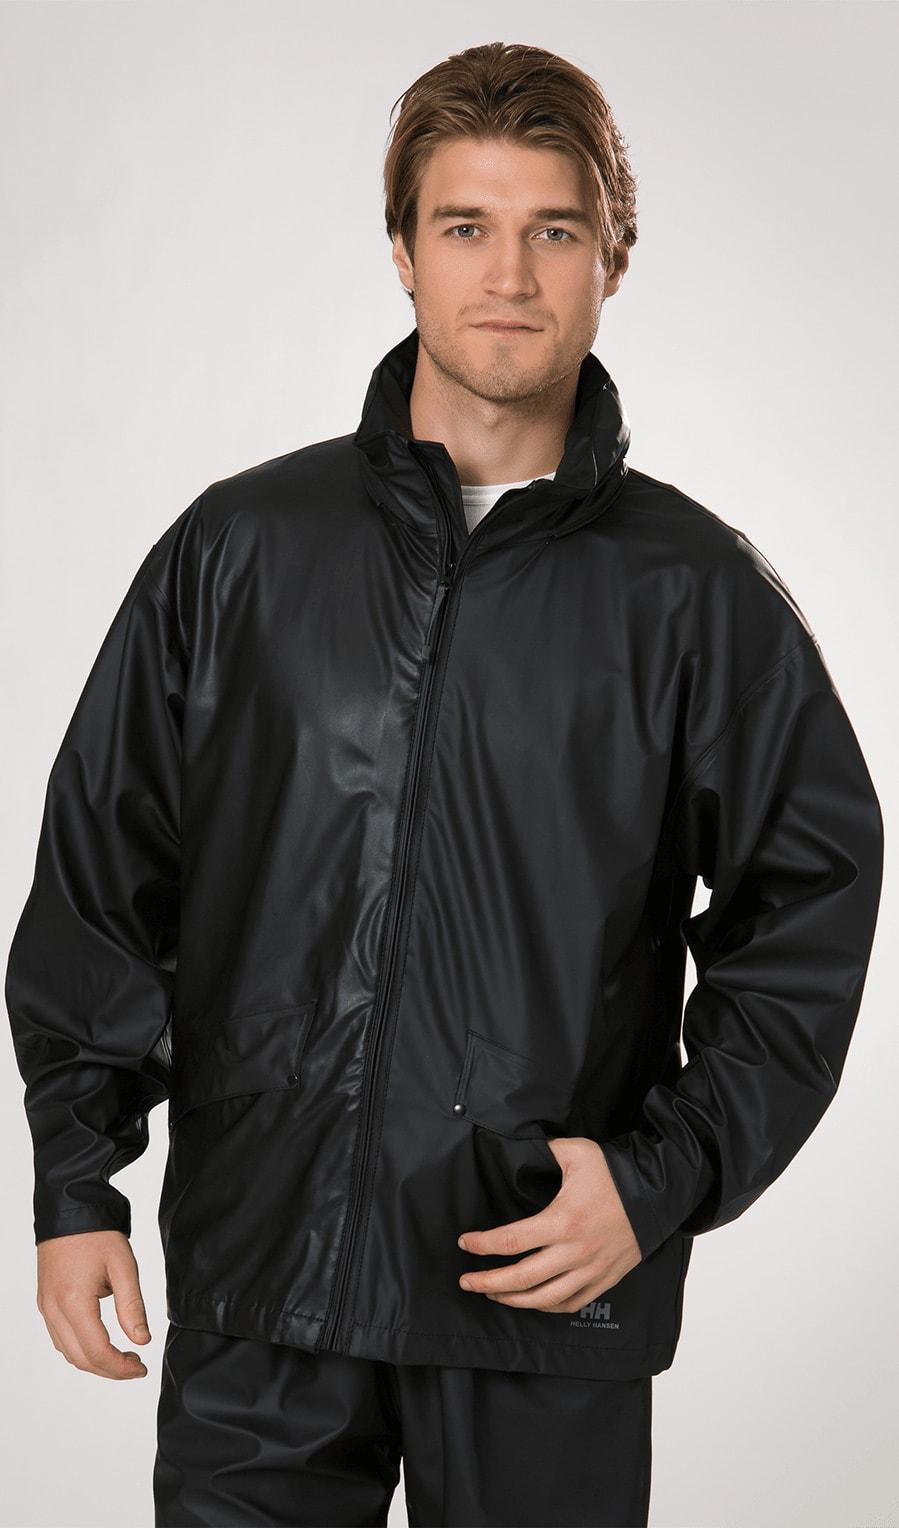 helly hansen voss jacket. Black Bedroom Furniture Sets. Home Design Ideas